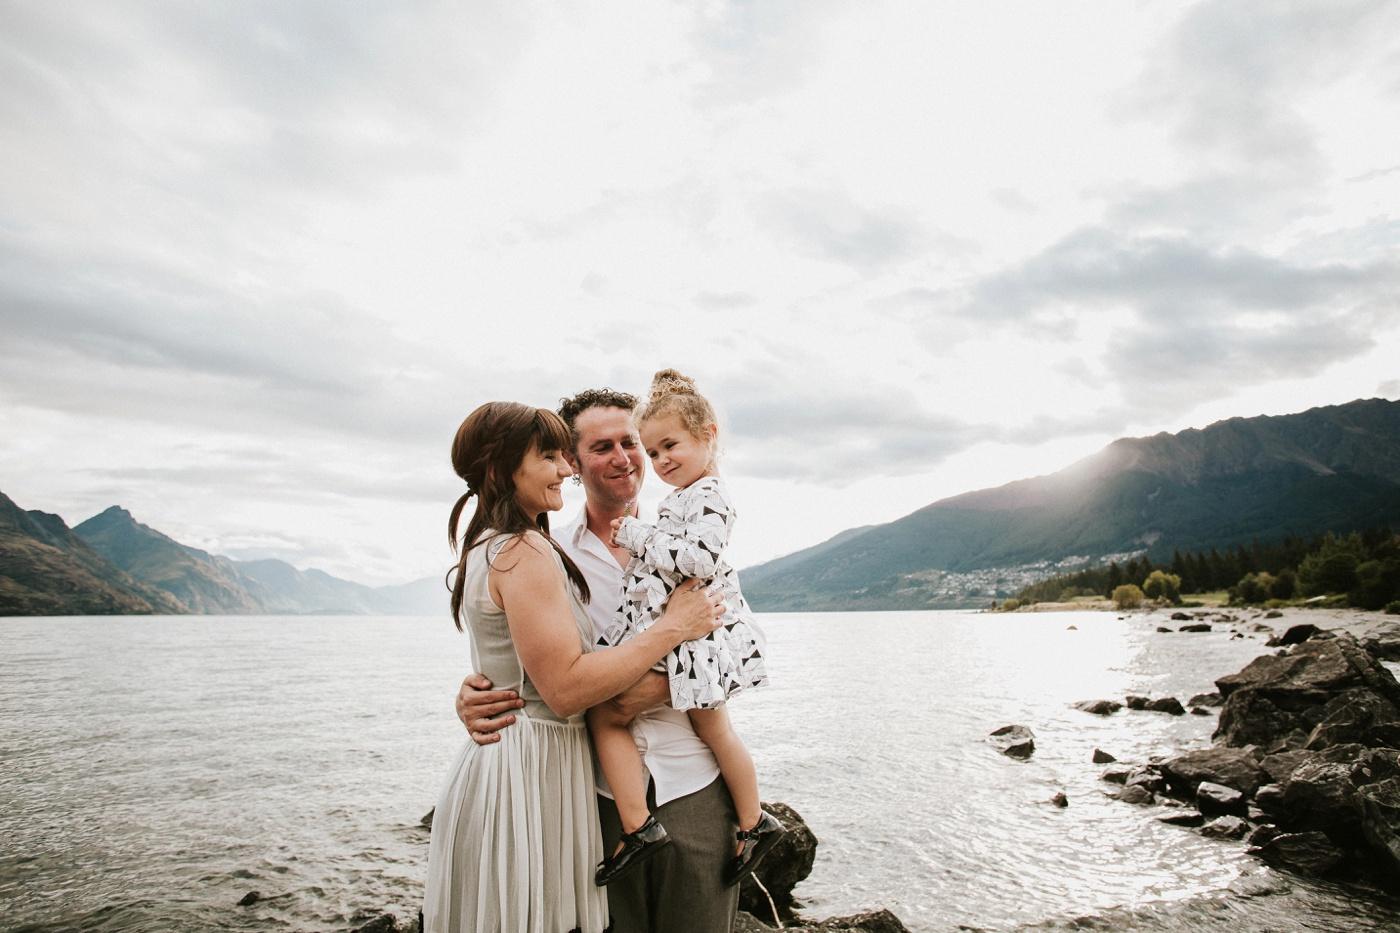 Avslappnade-naturliga-roliga-Familjesession-Familjebilder-Ben&Rosanne&Luella_18